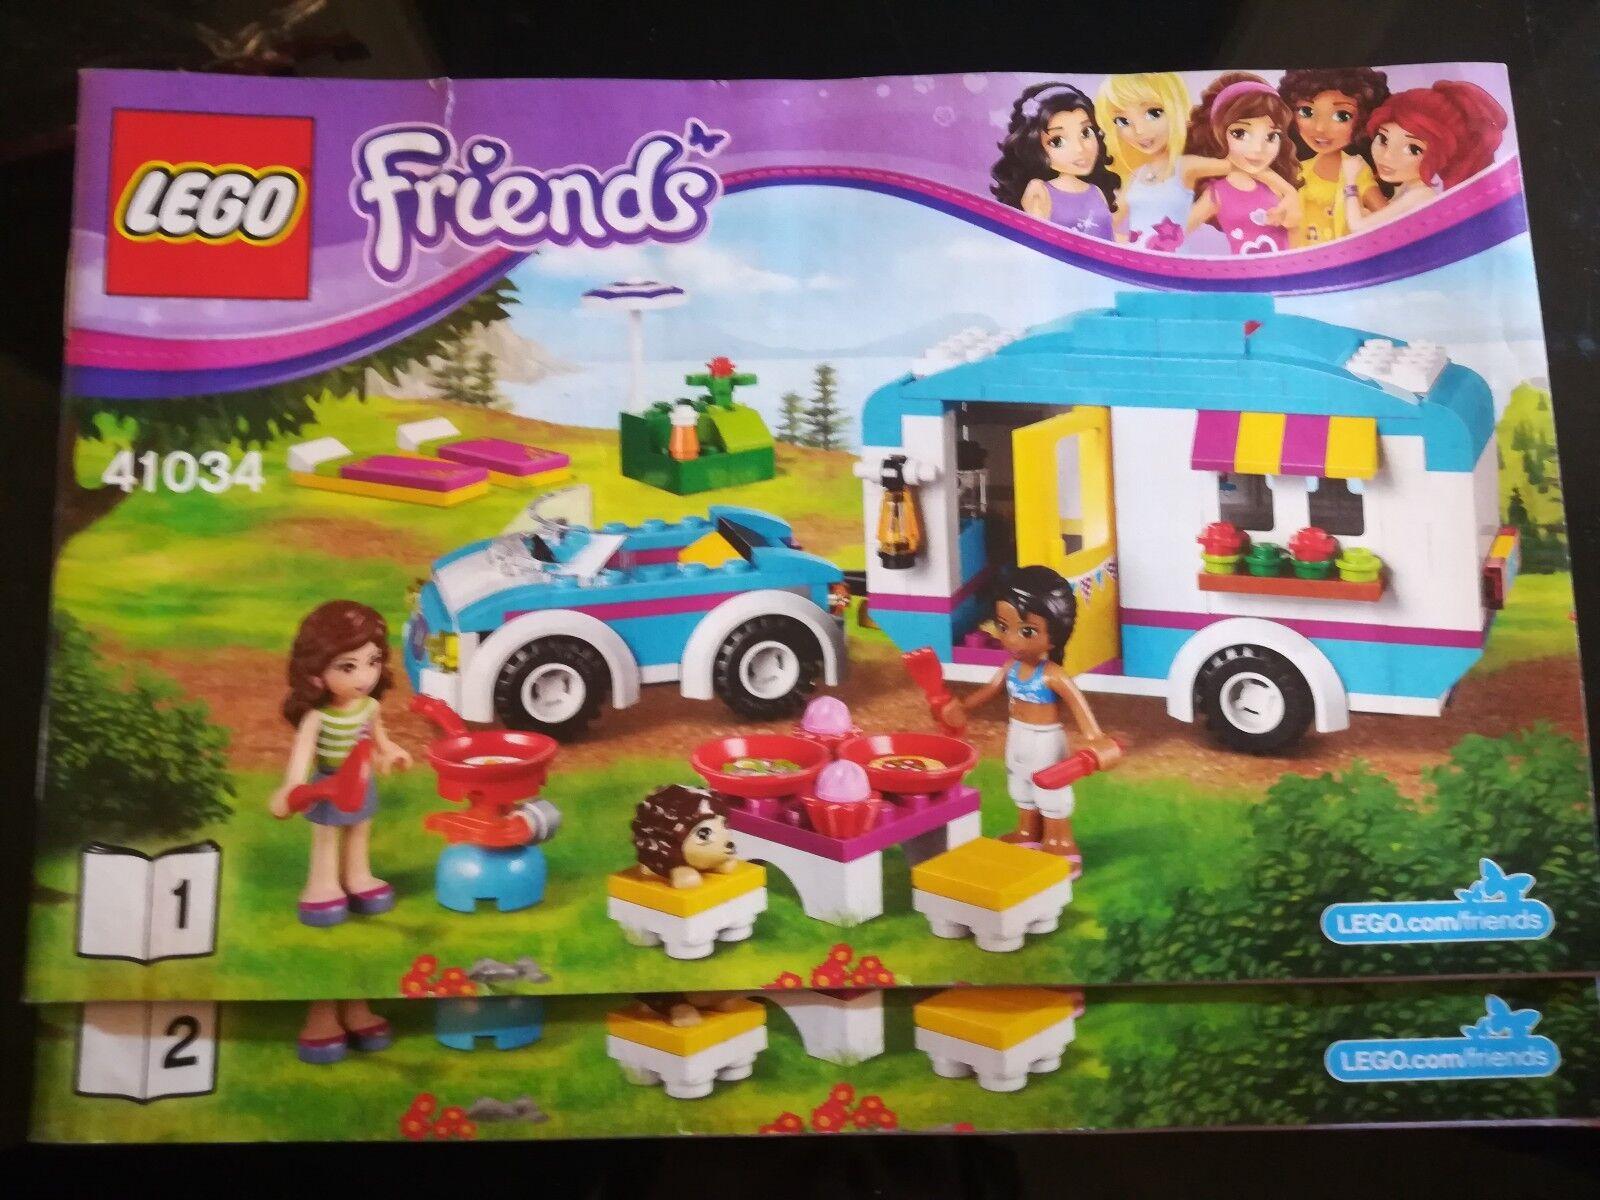 Caravane 41034 Des Vacances Complet Ntrney3346 La Lego Friends 8vmONn0w